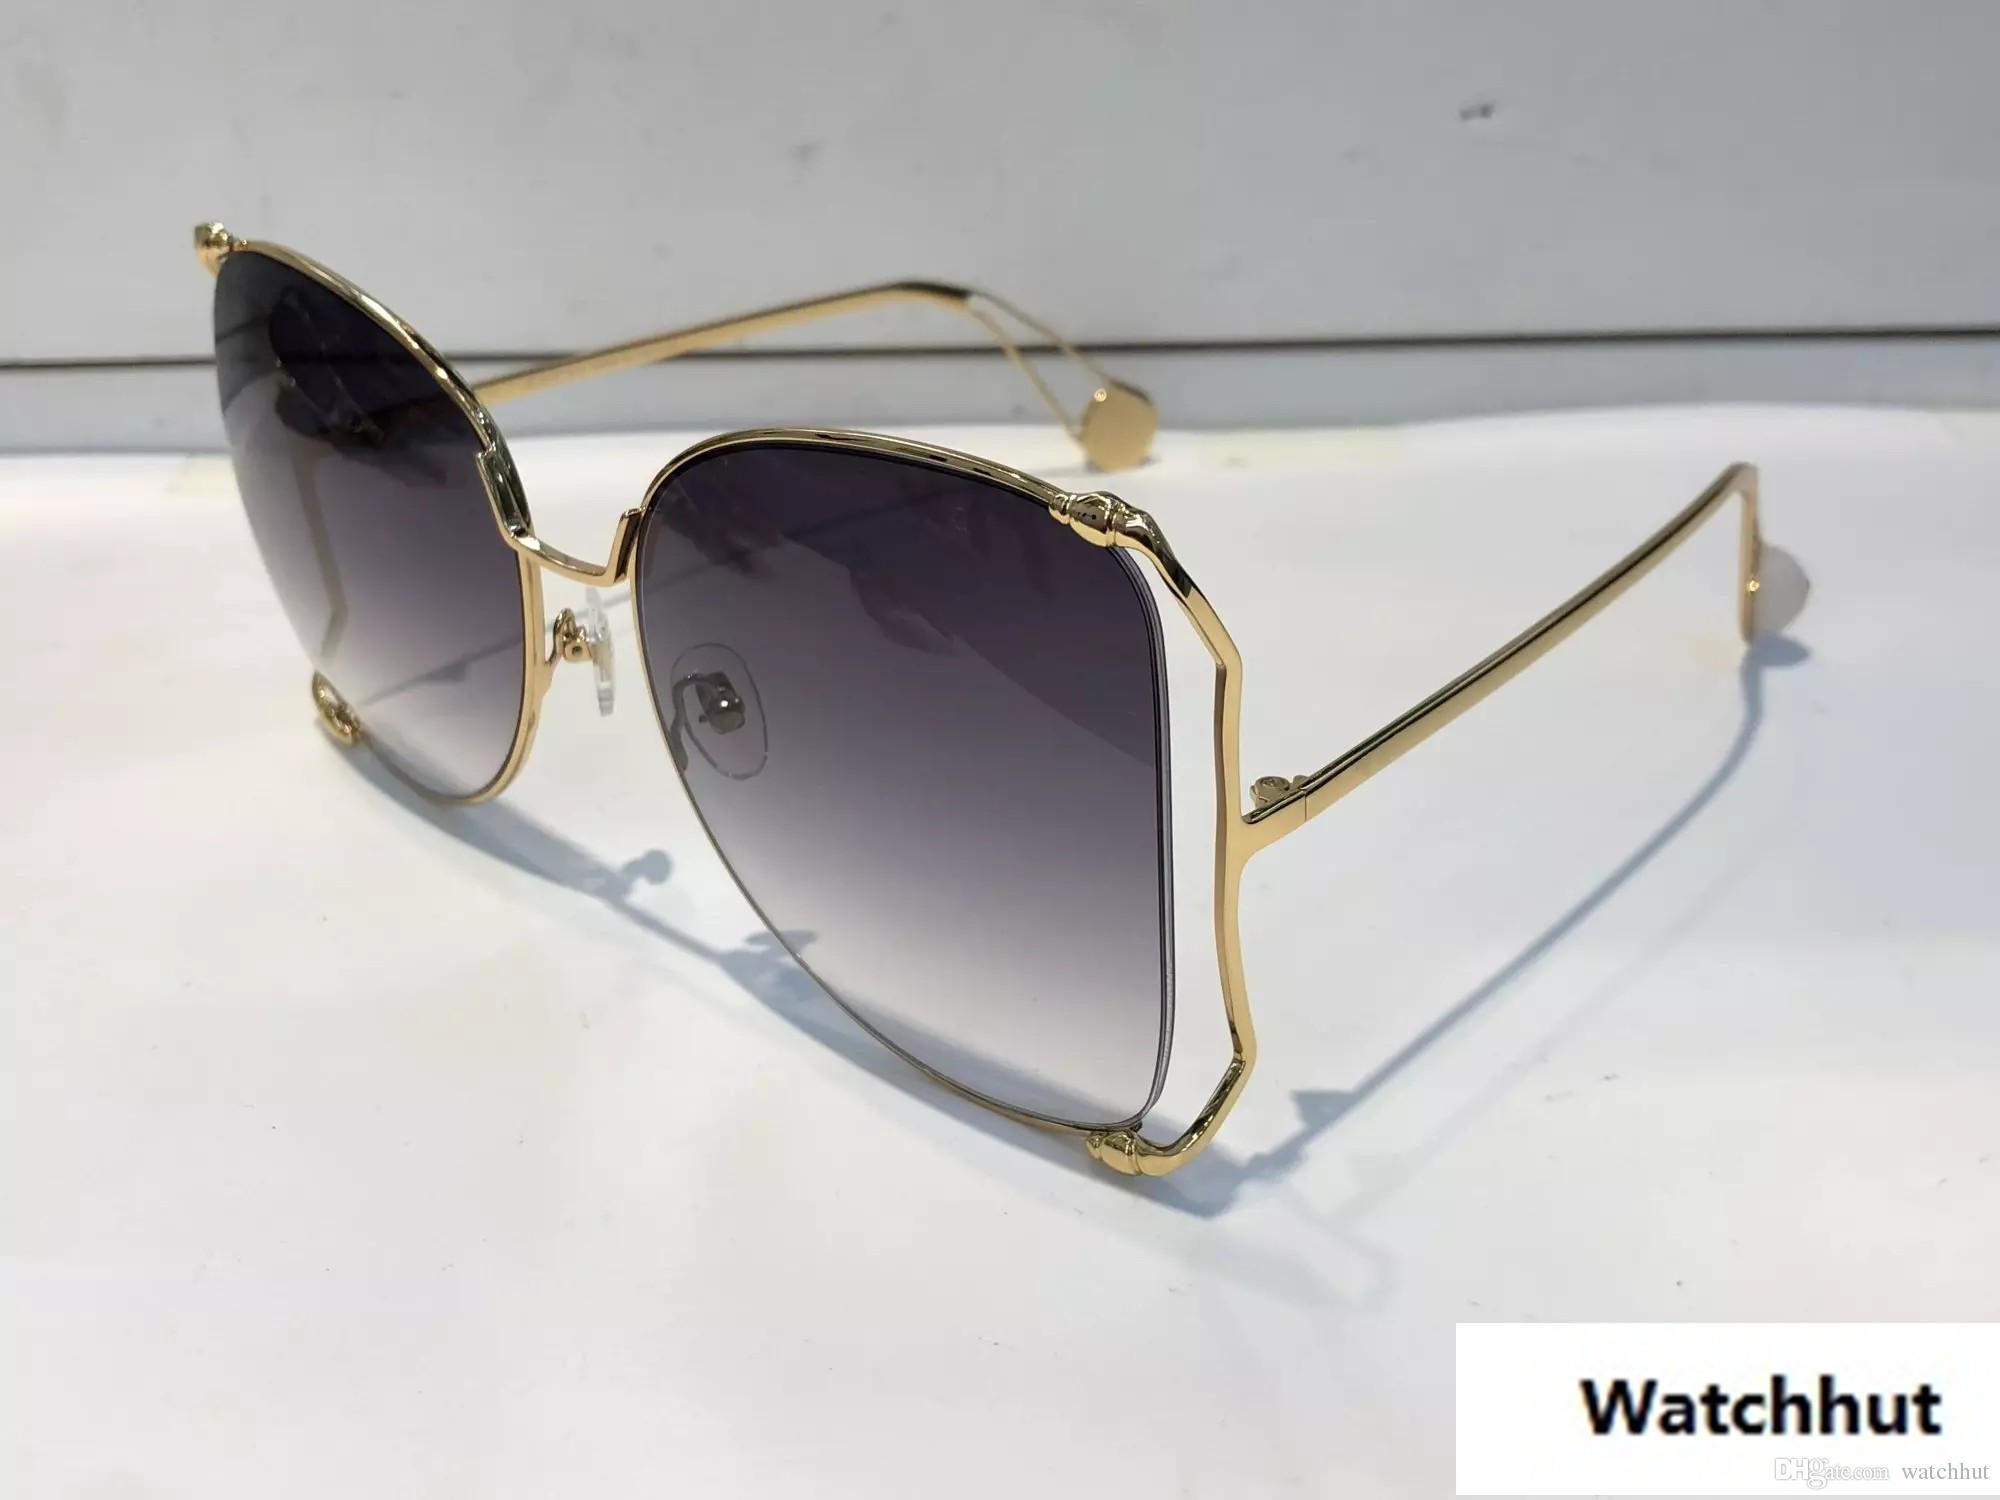 e94b9d24aa16c Compre Luxo 0252 Óculos De Sol Das Mulheres Designer De Marca De Moda  Popular Grande Oco Quadro Estilo Verão De Alta Qualidade Lente De Proteção  Uv Vem Com ...